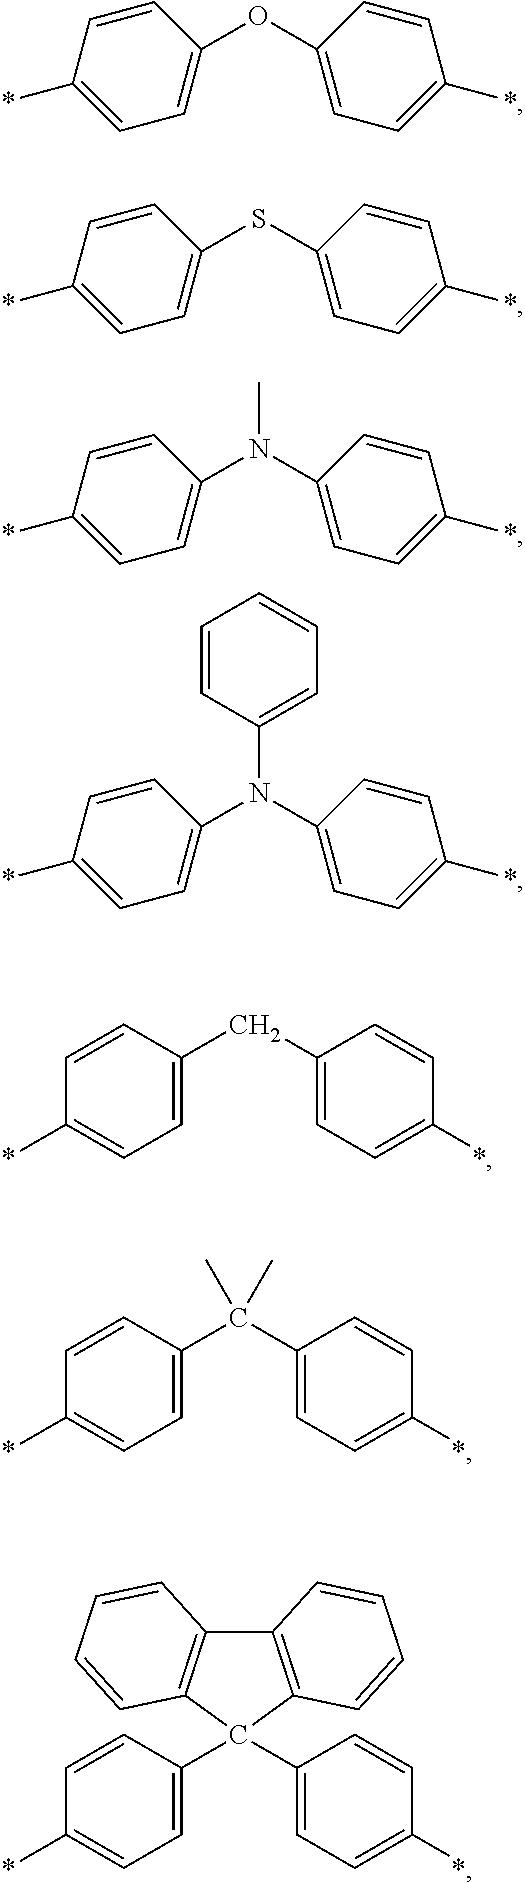 Figure US09352045-20160531-C00014